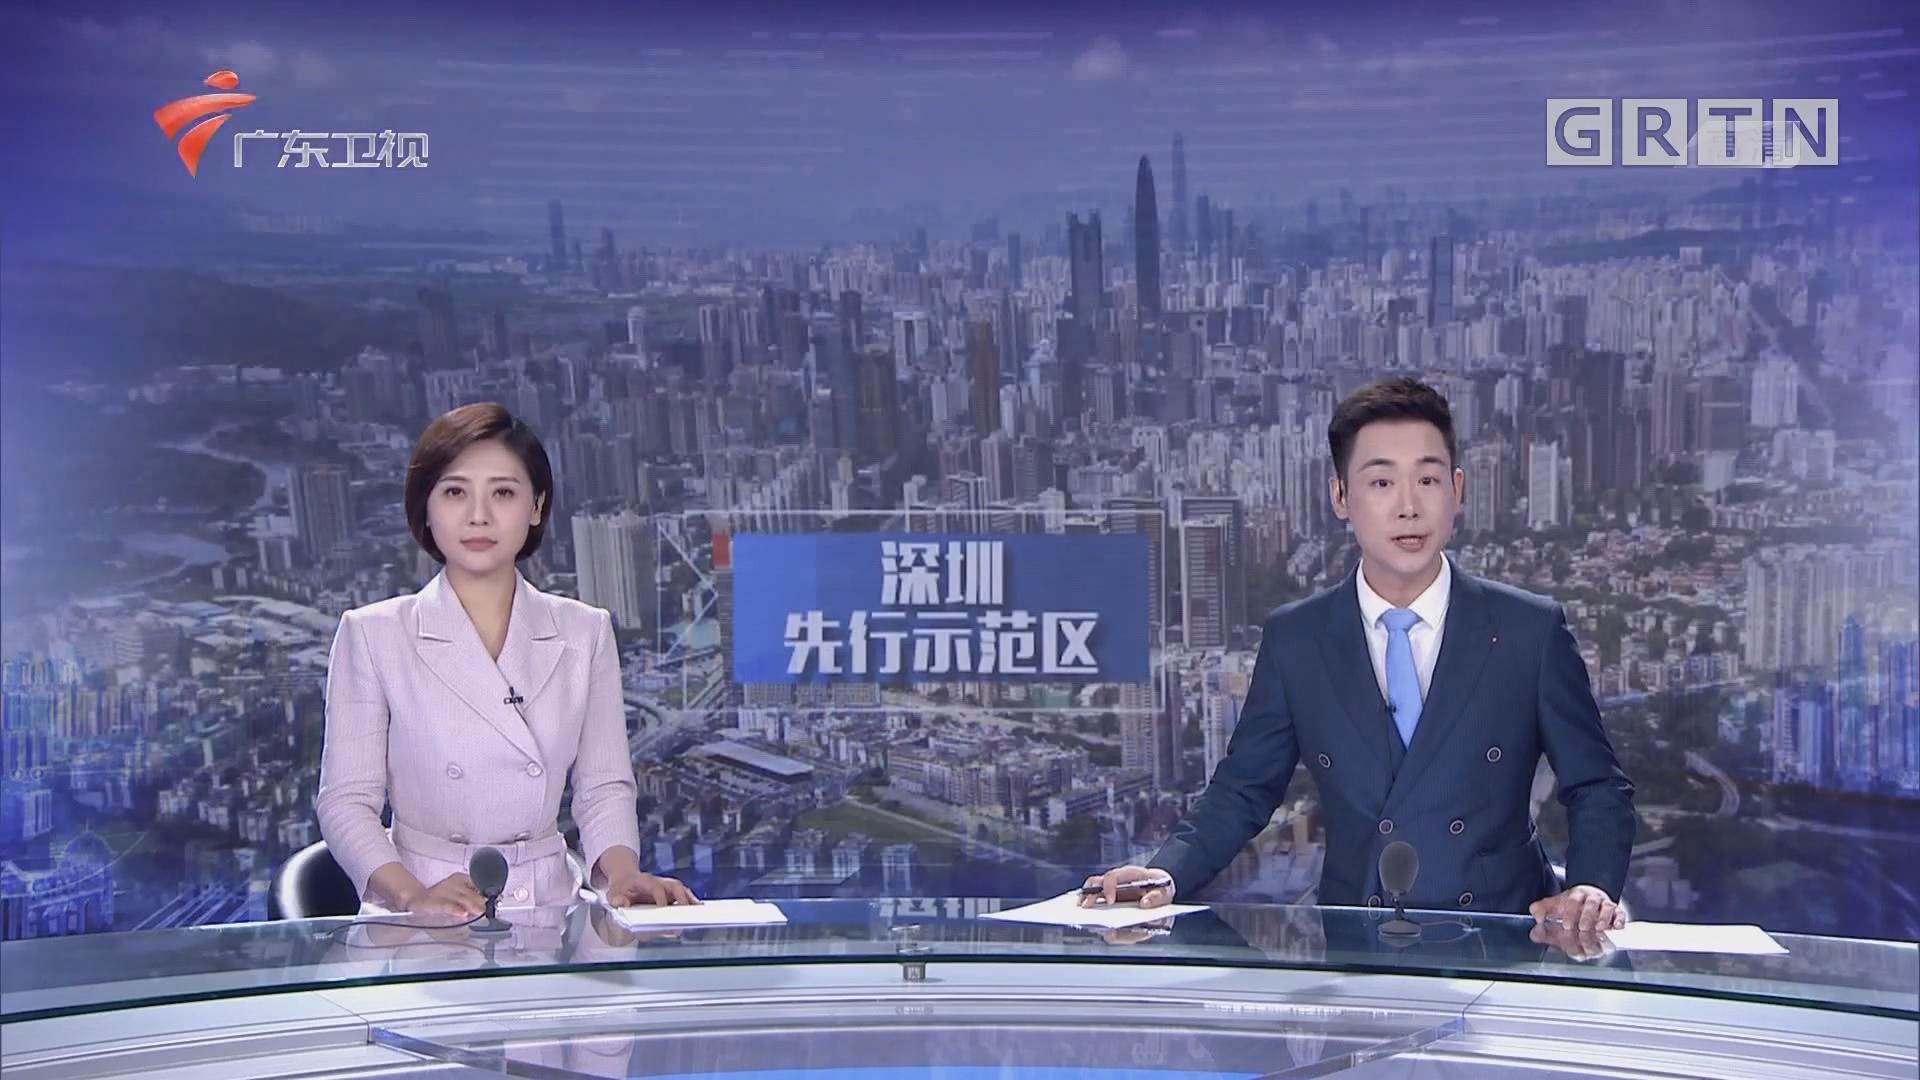 深圳各界反响热烈 沿着建设先行示范区奋力前行